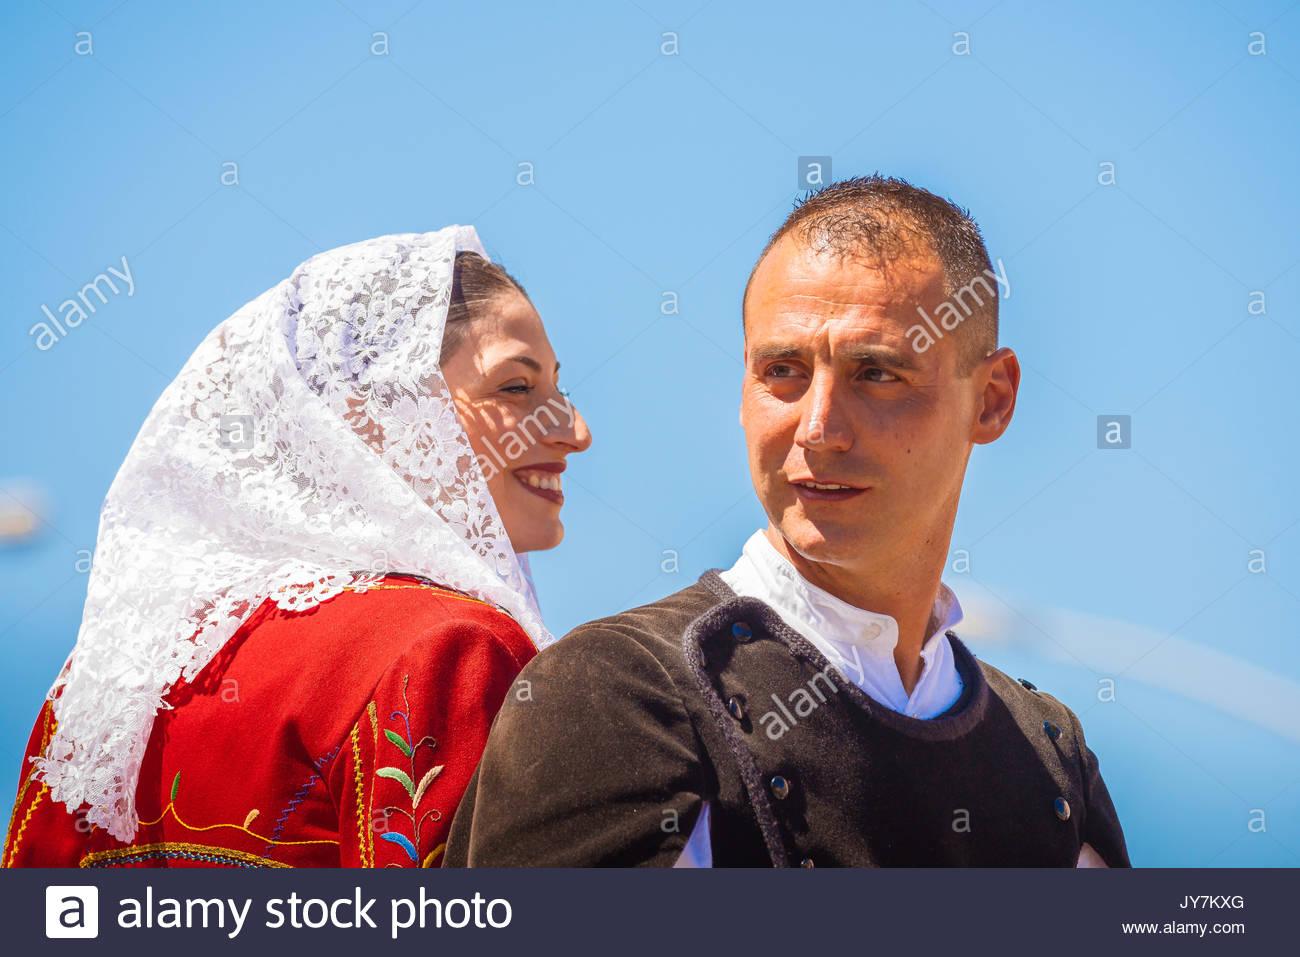 Ritratto di una giovane coppia cavalcare insieme indossando il costume  tradizionale in parata della Cavalcata Sarda 304058303e6